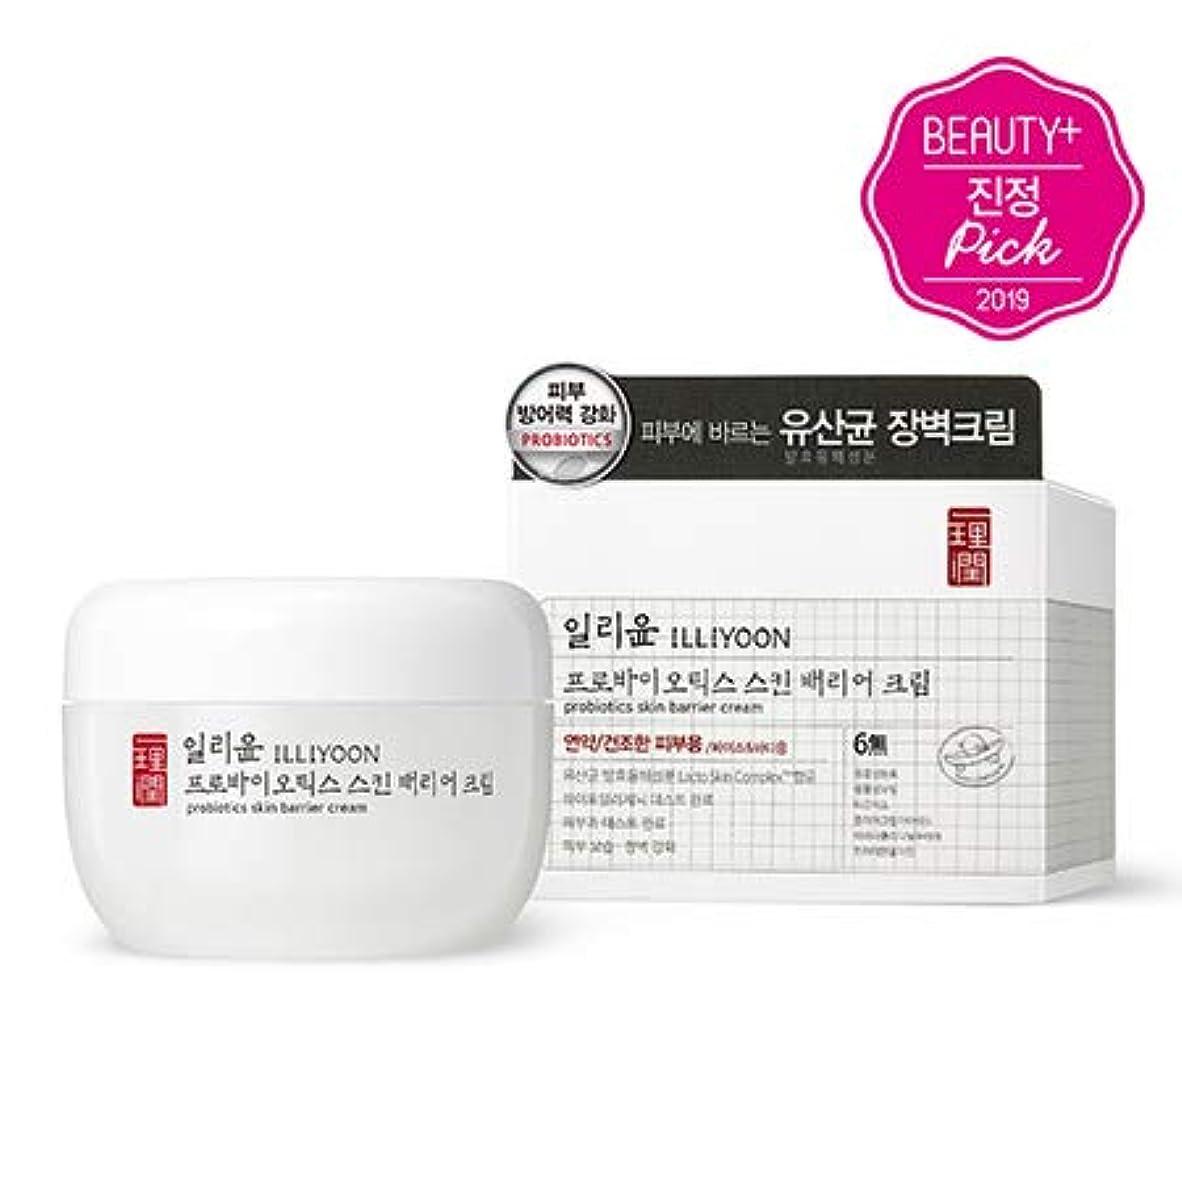 人里離れたオーディションうぬぼれた[illiyoon]プロバイオティクススキンバリアクリーム(100ml)/ pro biotics skin barrier cream